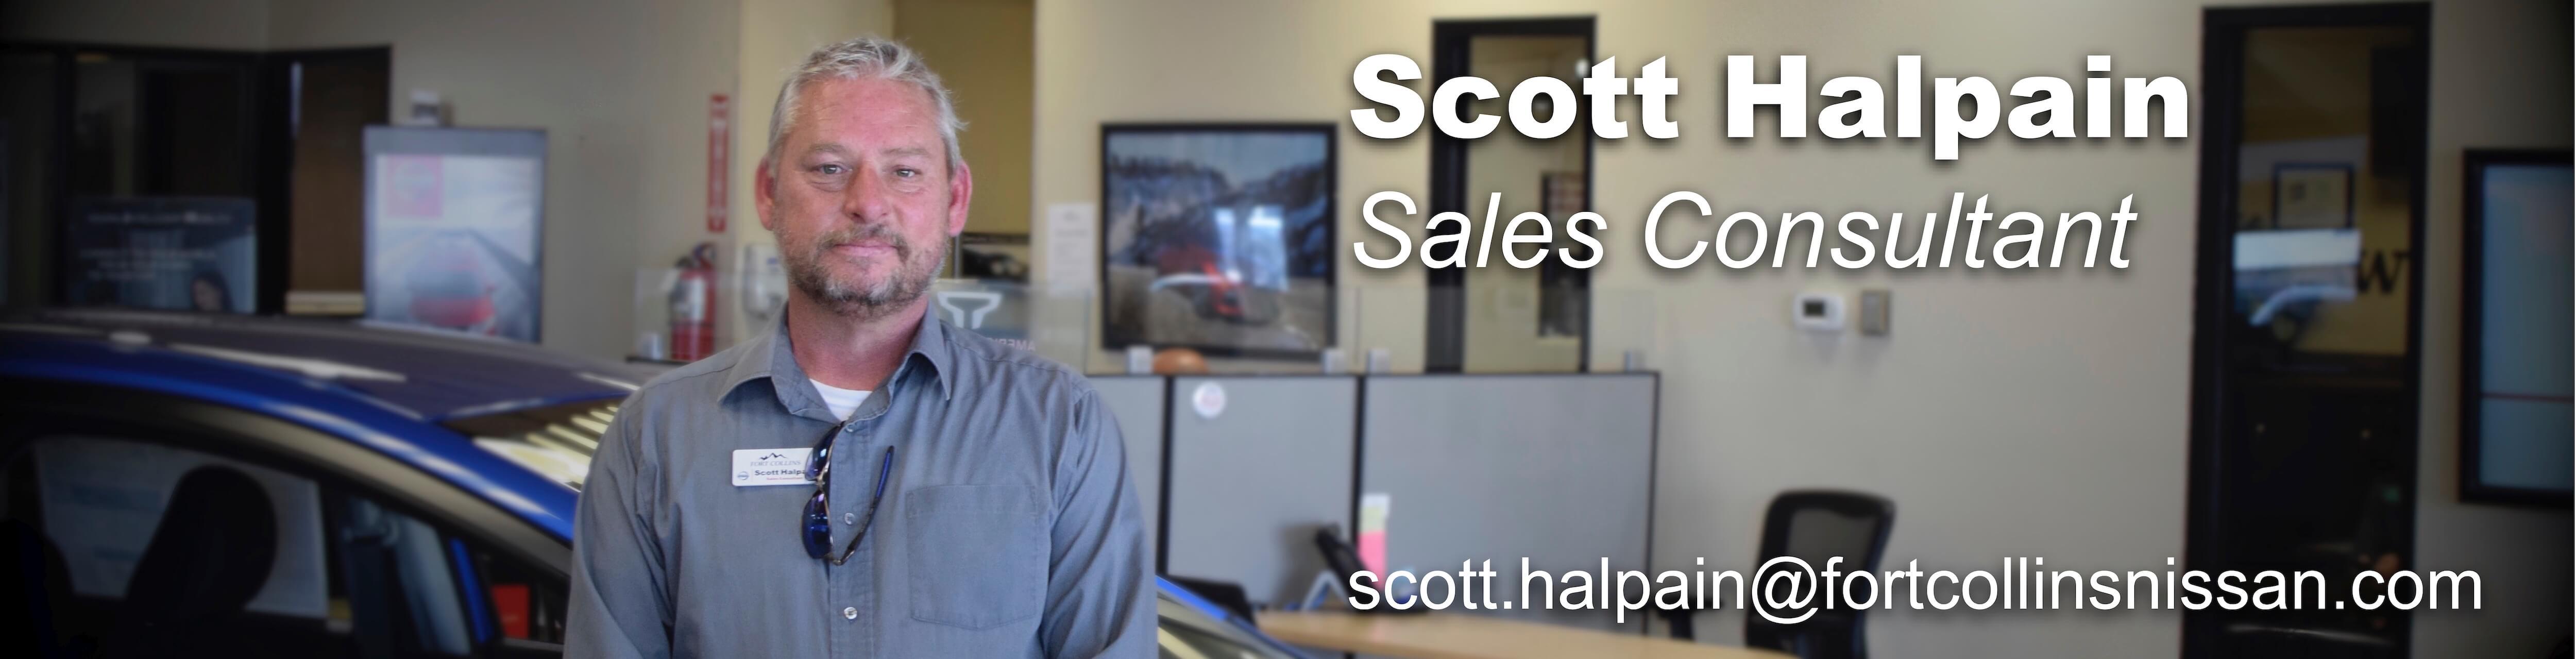 Scott Halpain